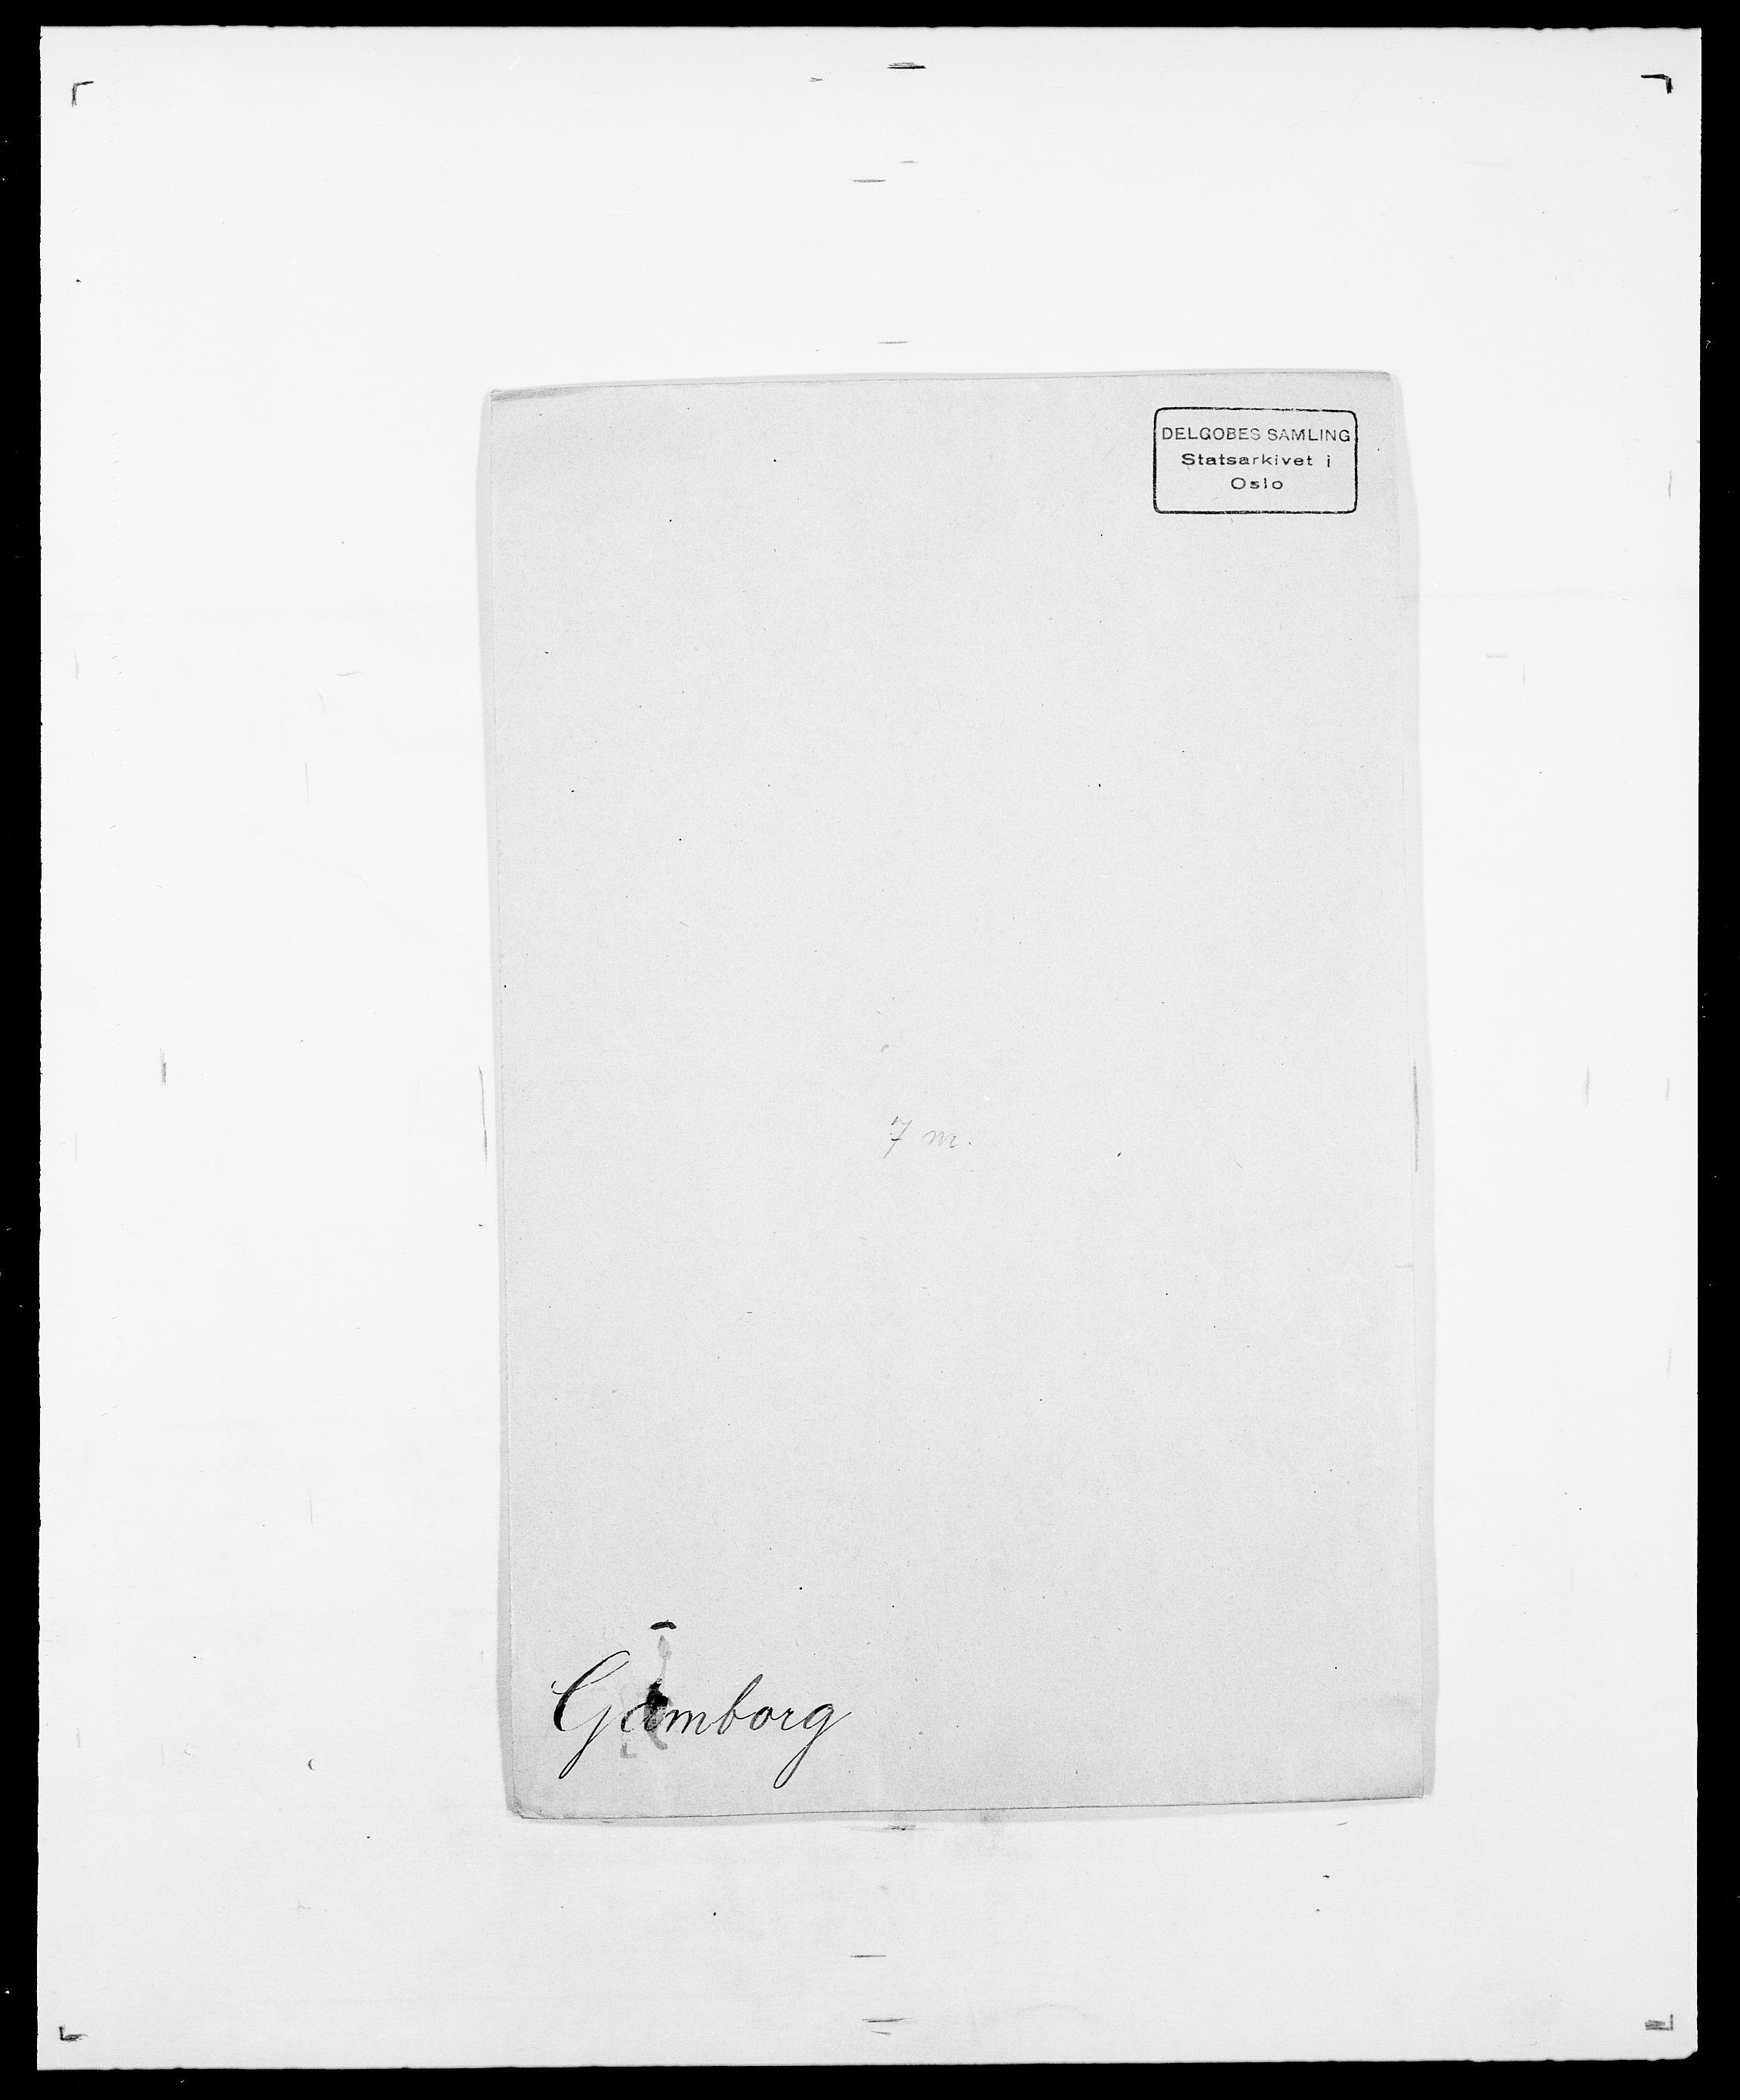 SAO, Delgobe, Charles Antoine - samling, D/Da/L0013: Forbos - Geving, s. 449